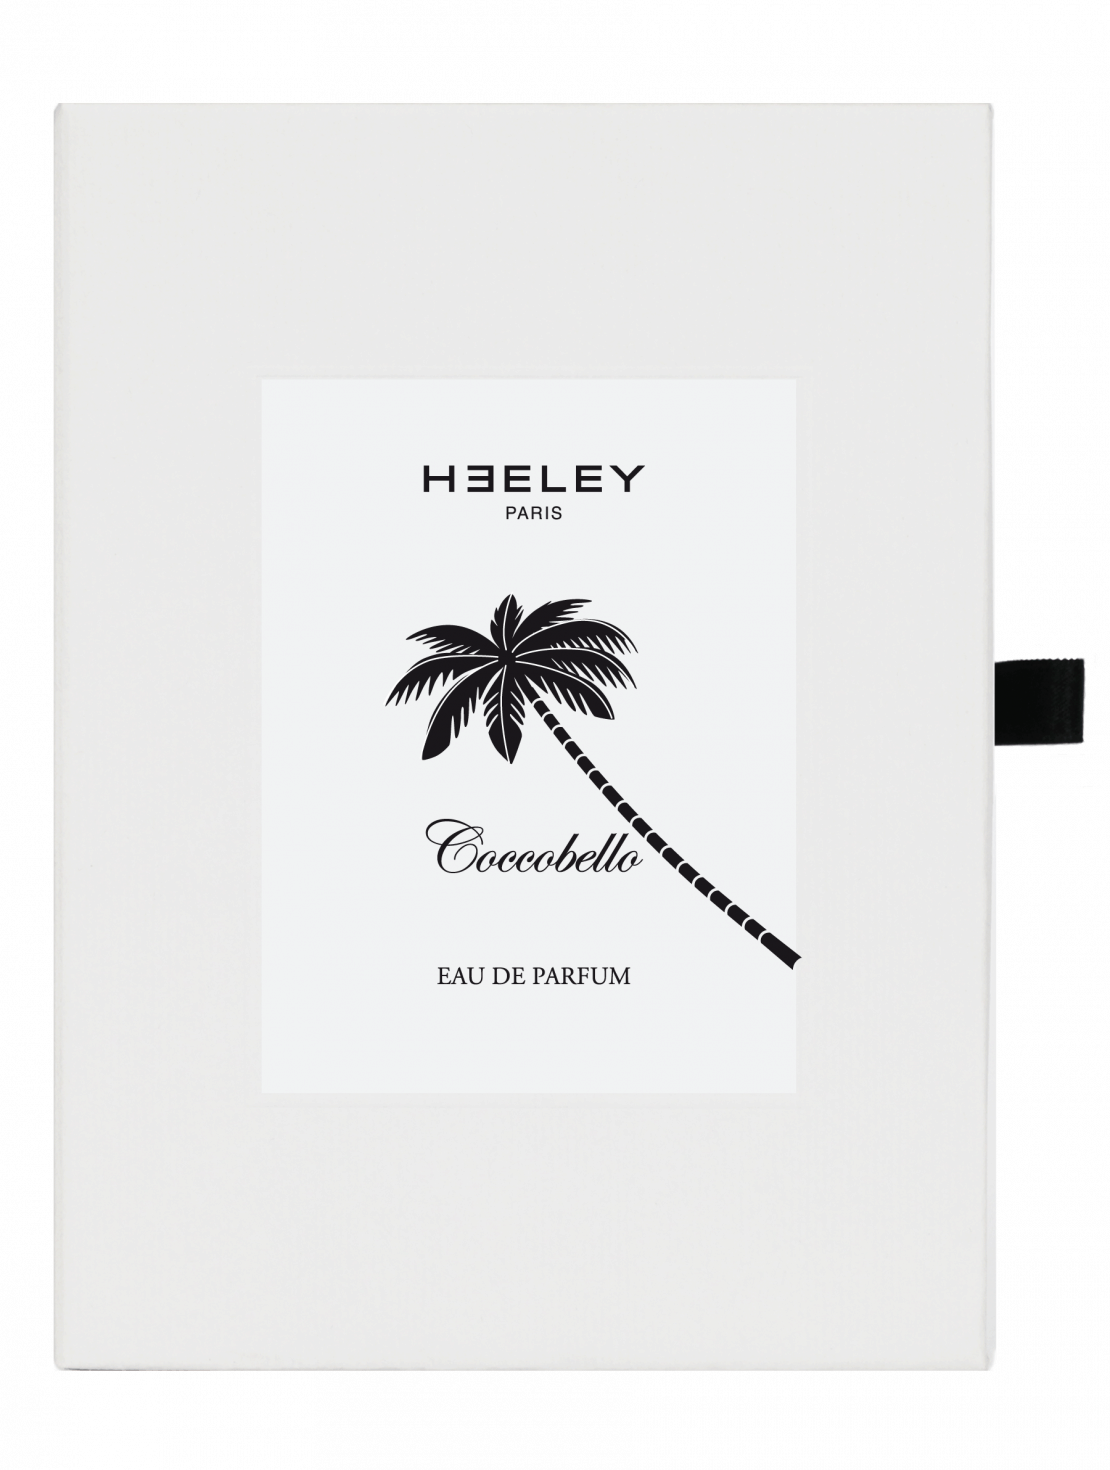 HEELEY-Coccobello EdP